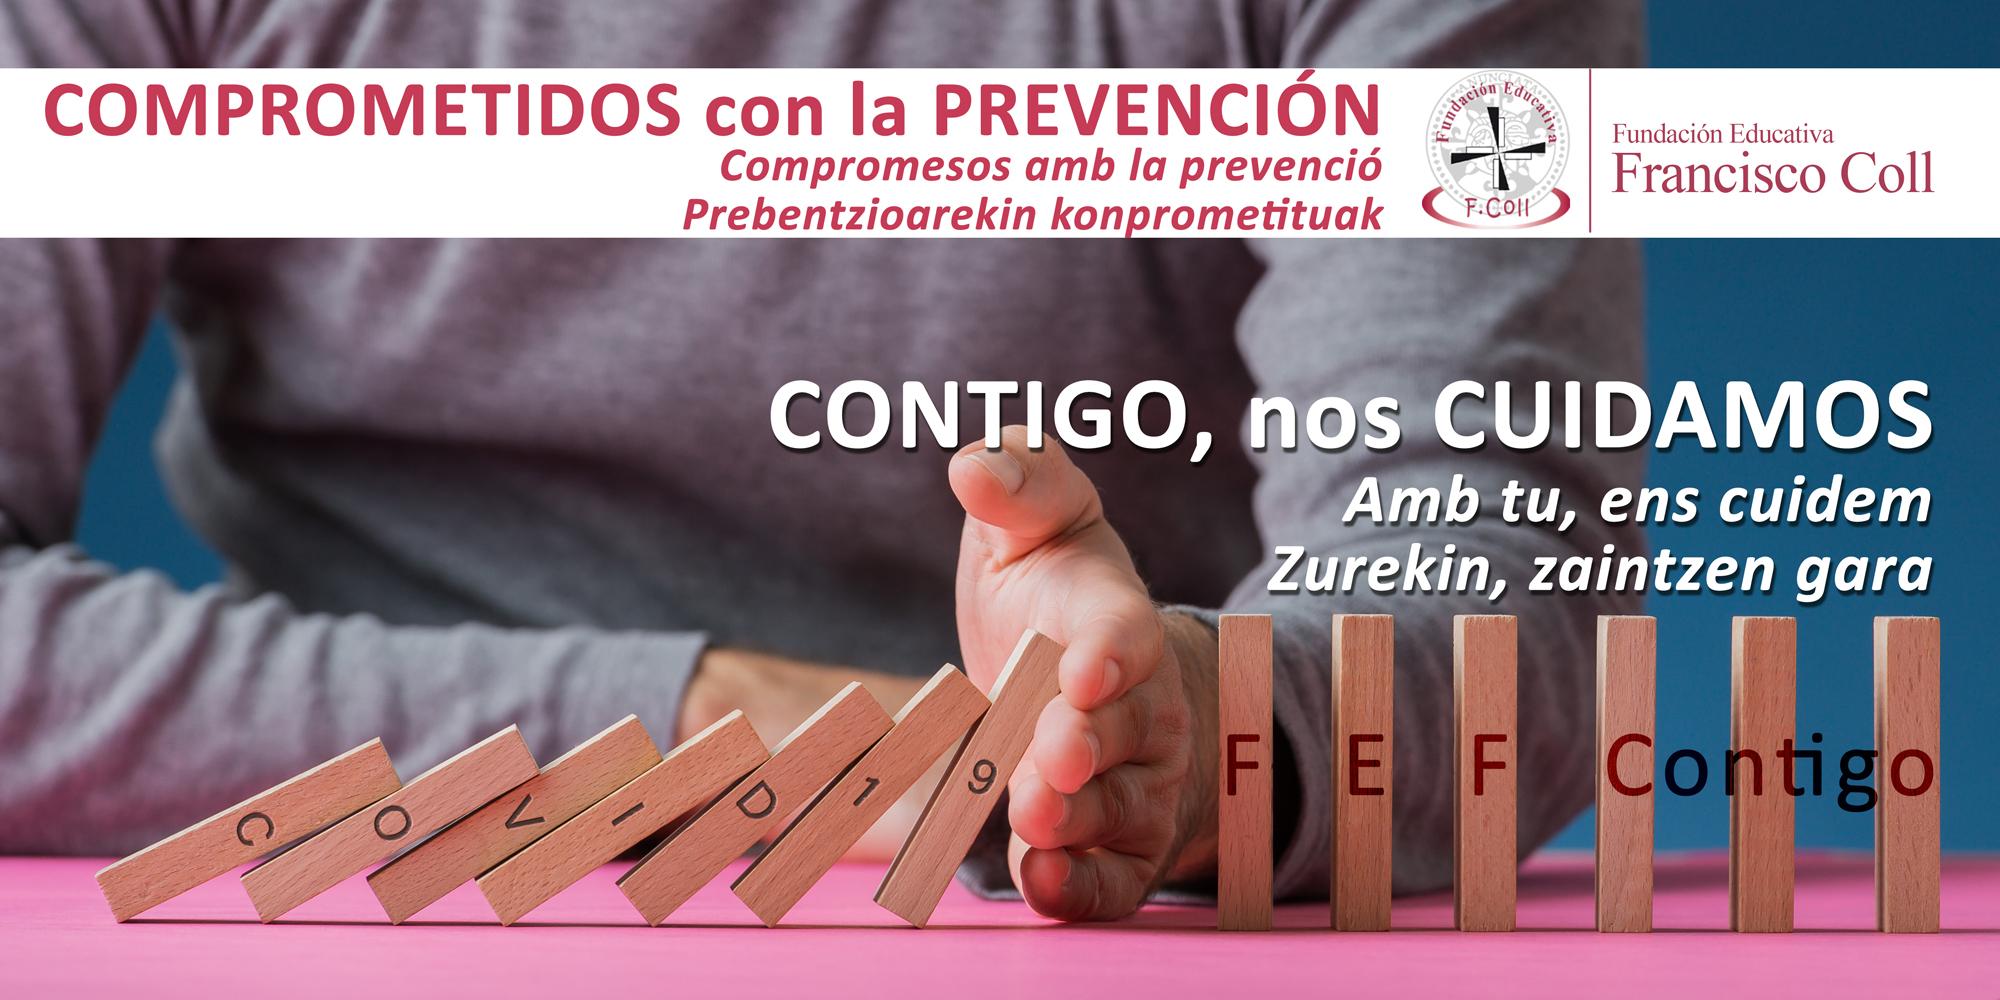 comprometidos_prevencion_fefc_cartel_04